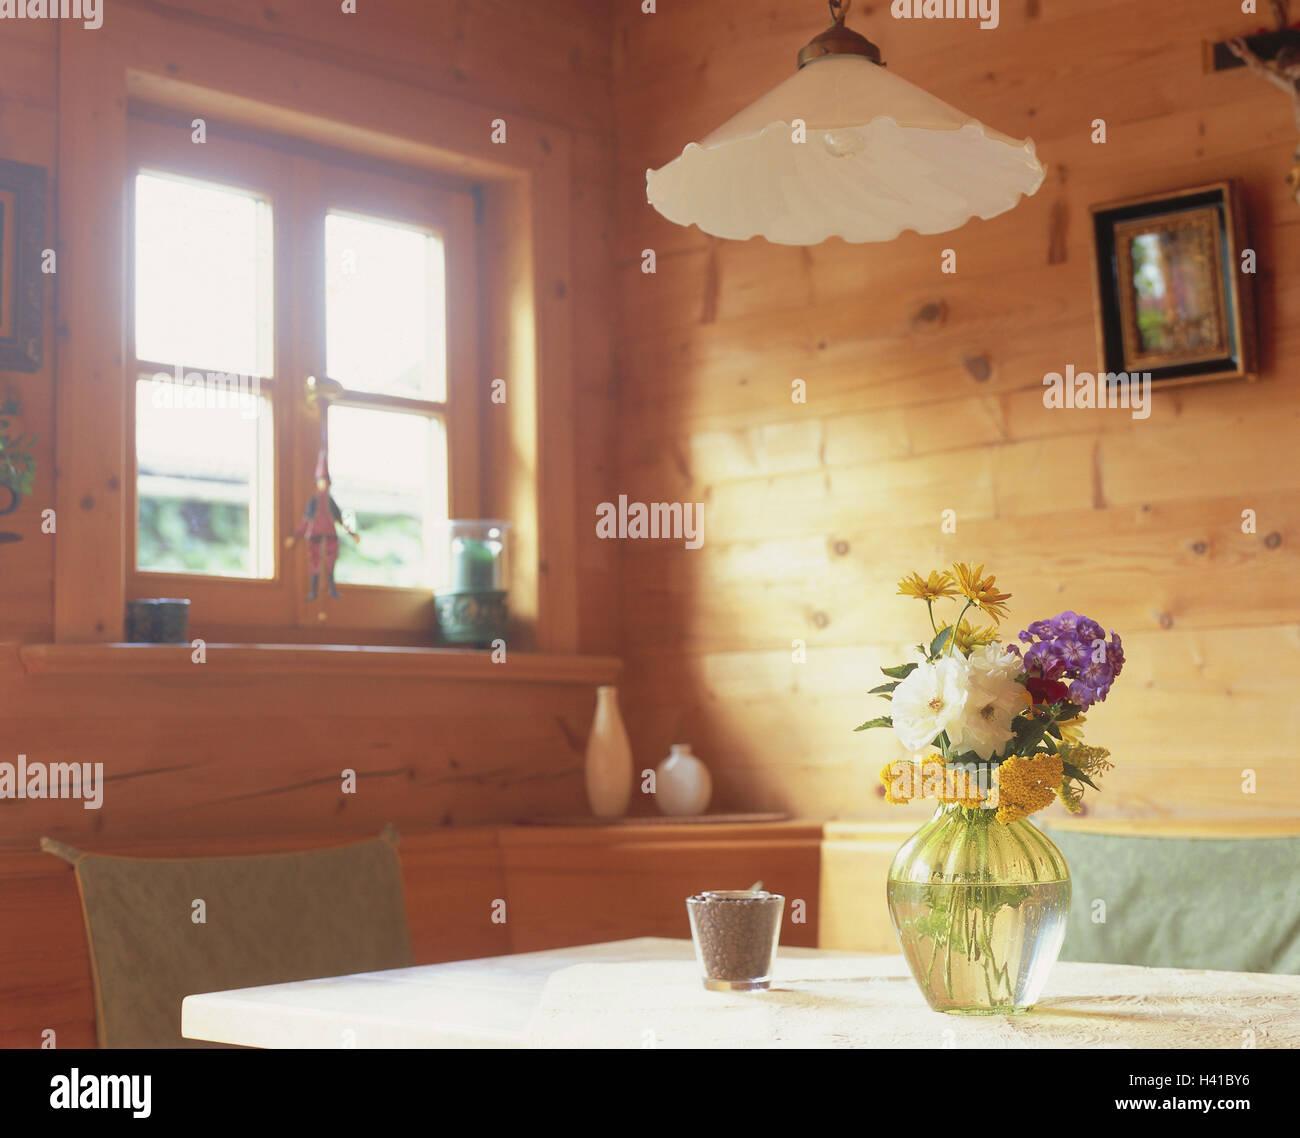 wohnraum detail tisch vase blumenzimmer bauernstube kche